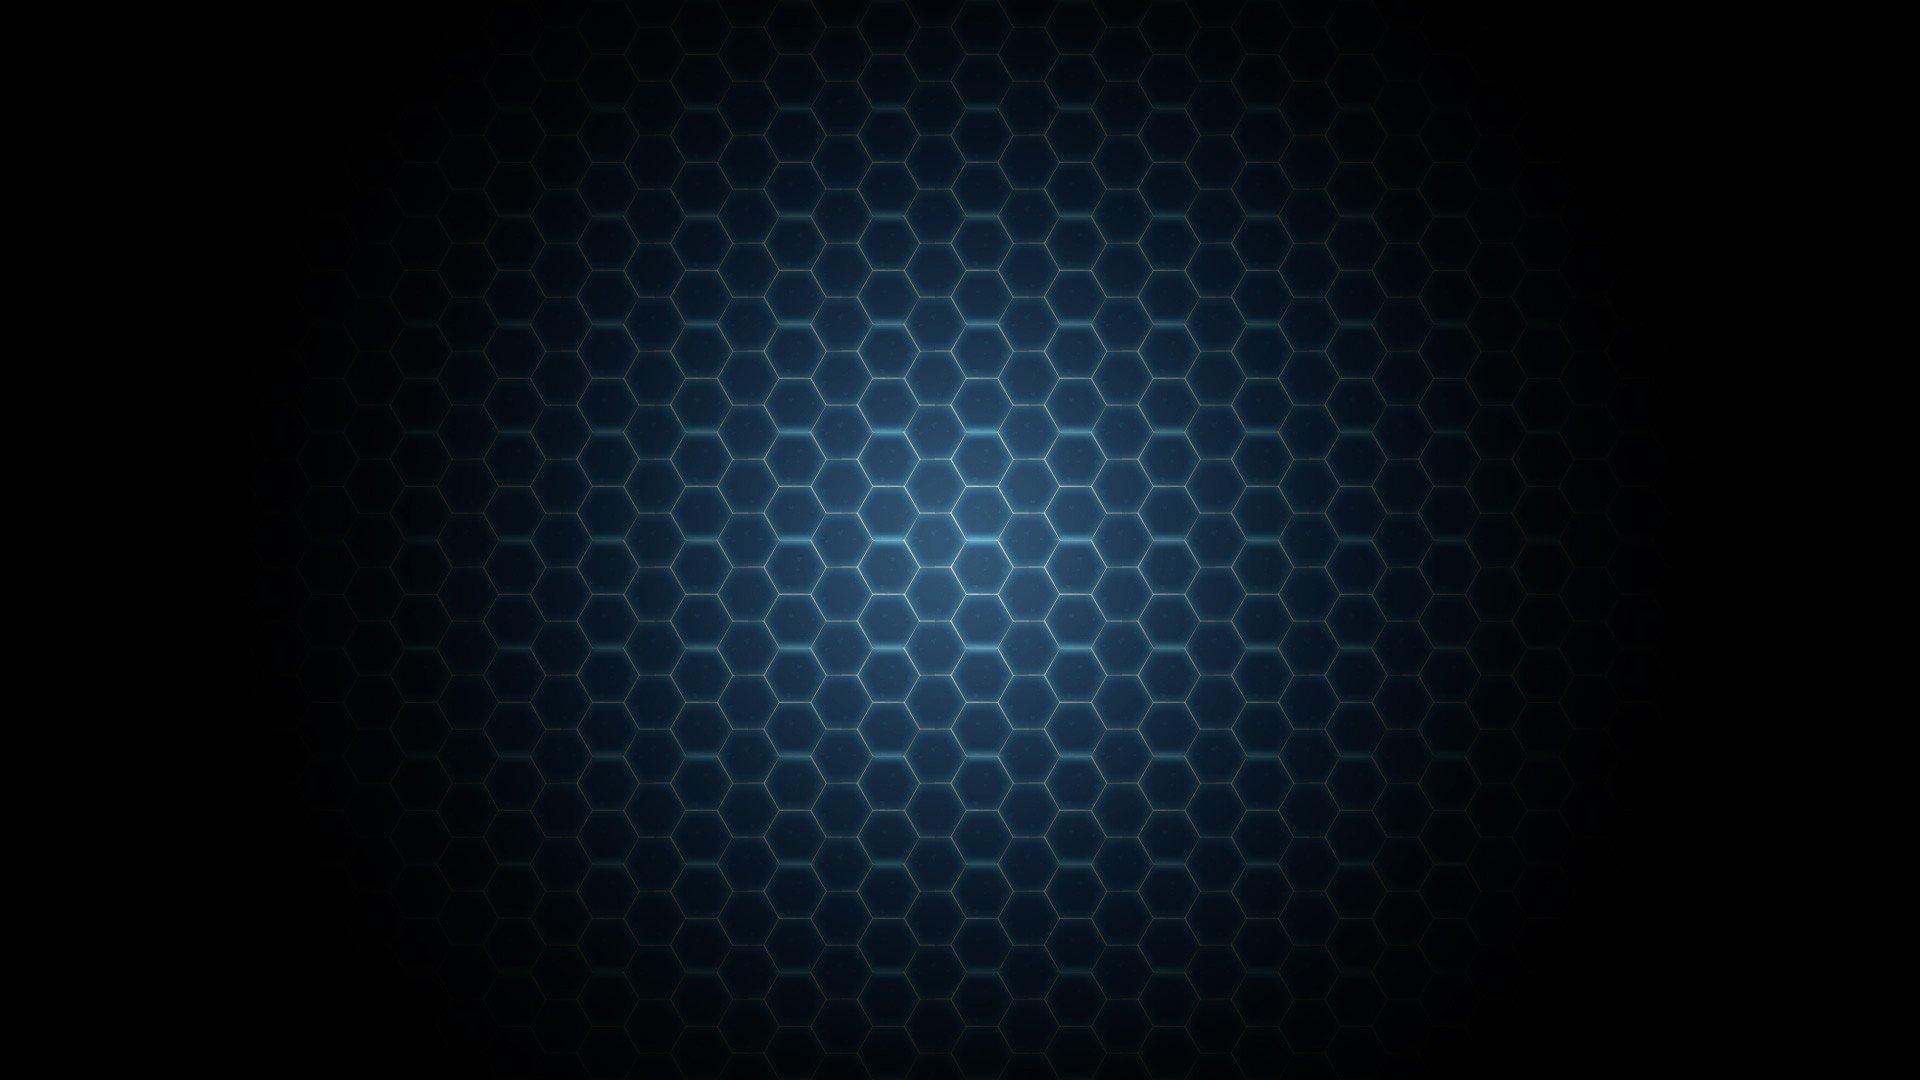 Download Wallpaper 1920x1080 Background Texture Dark 1920x1080